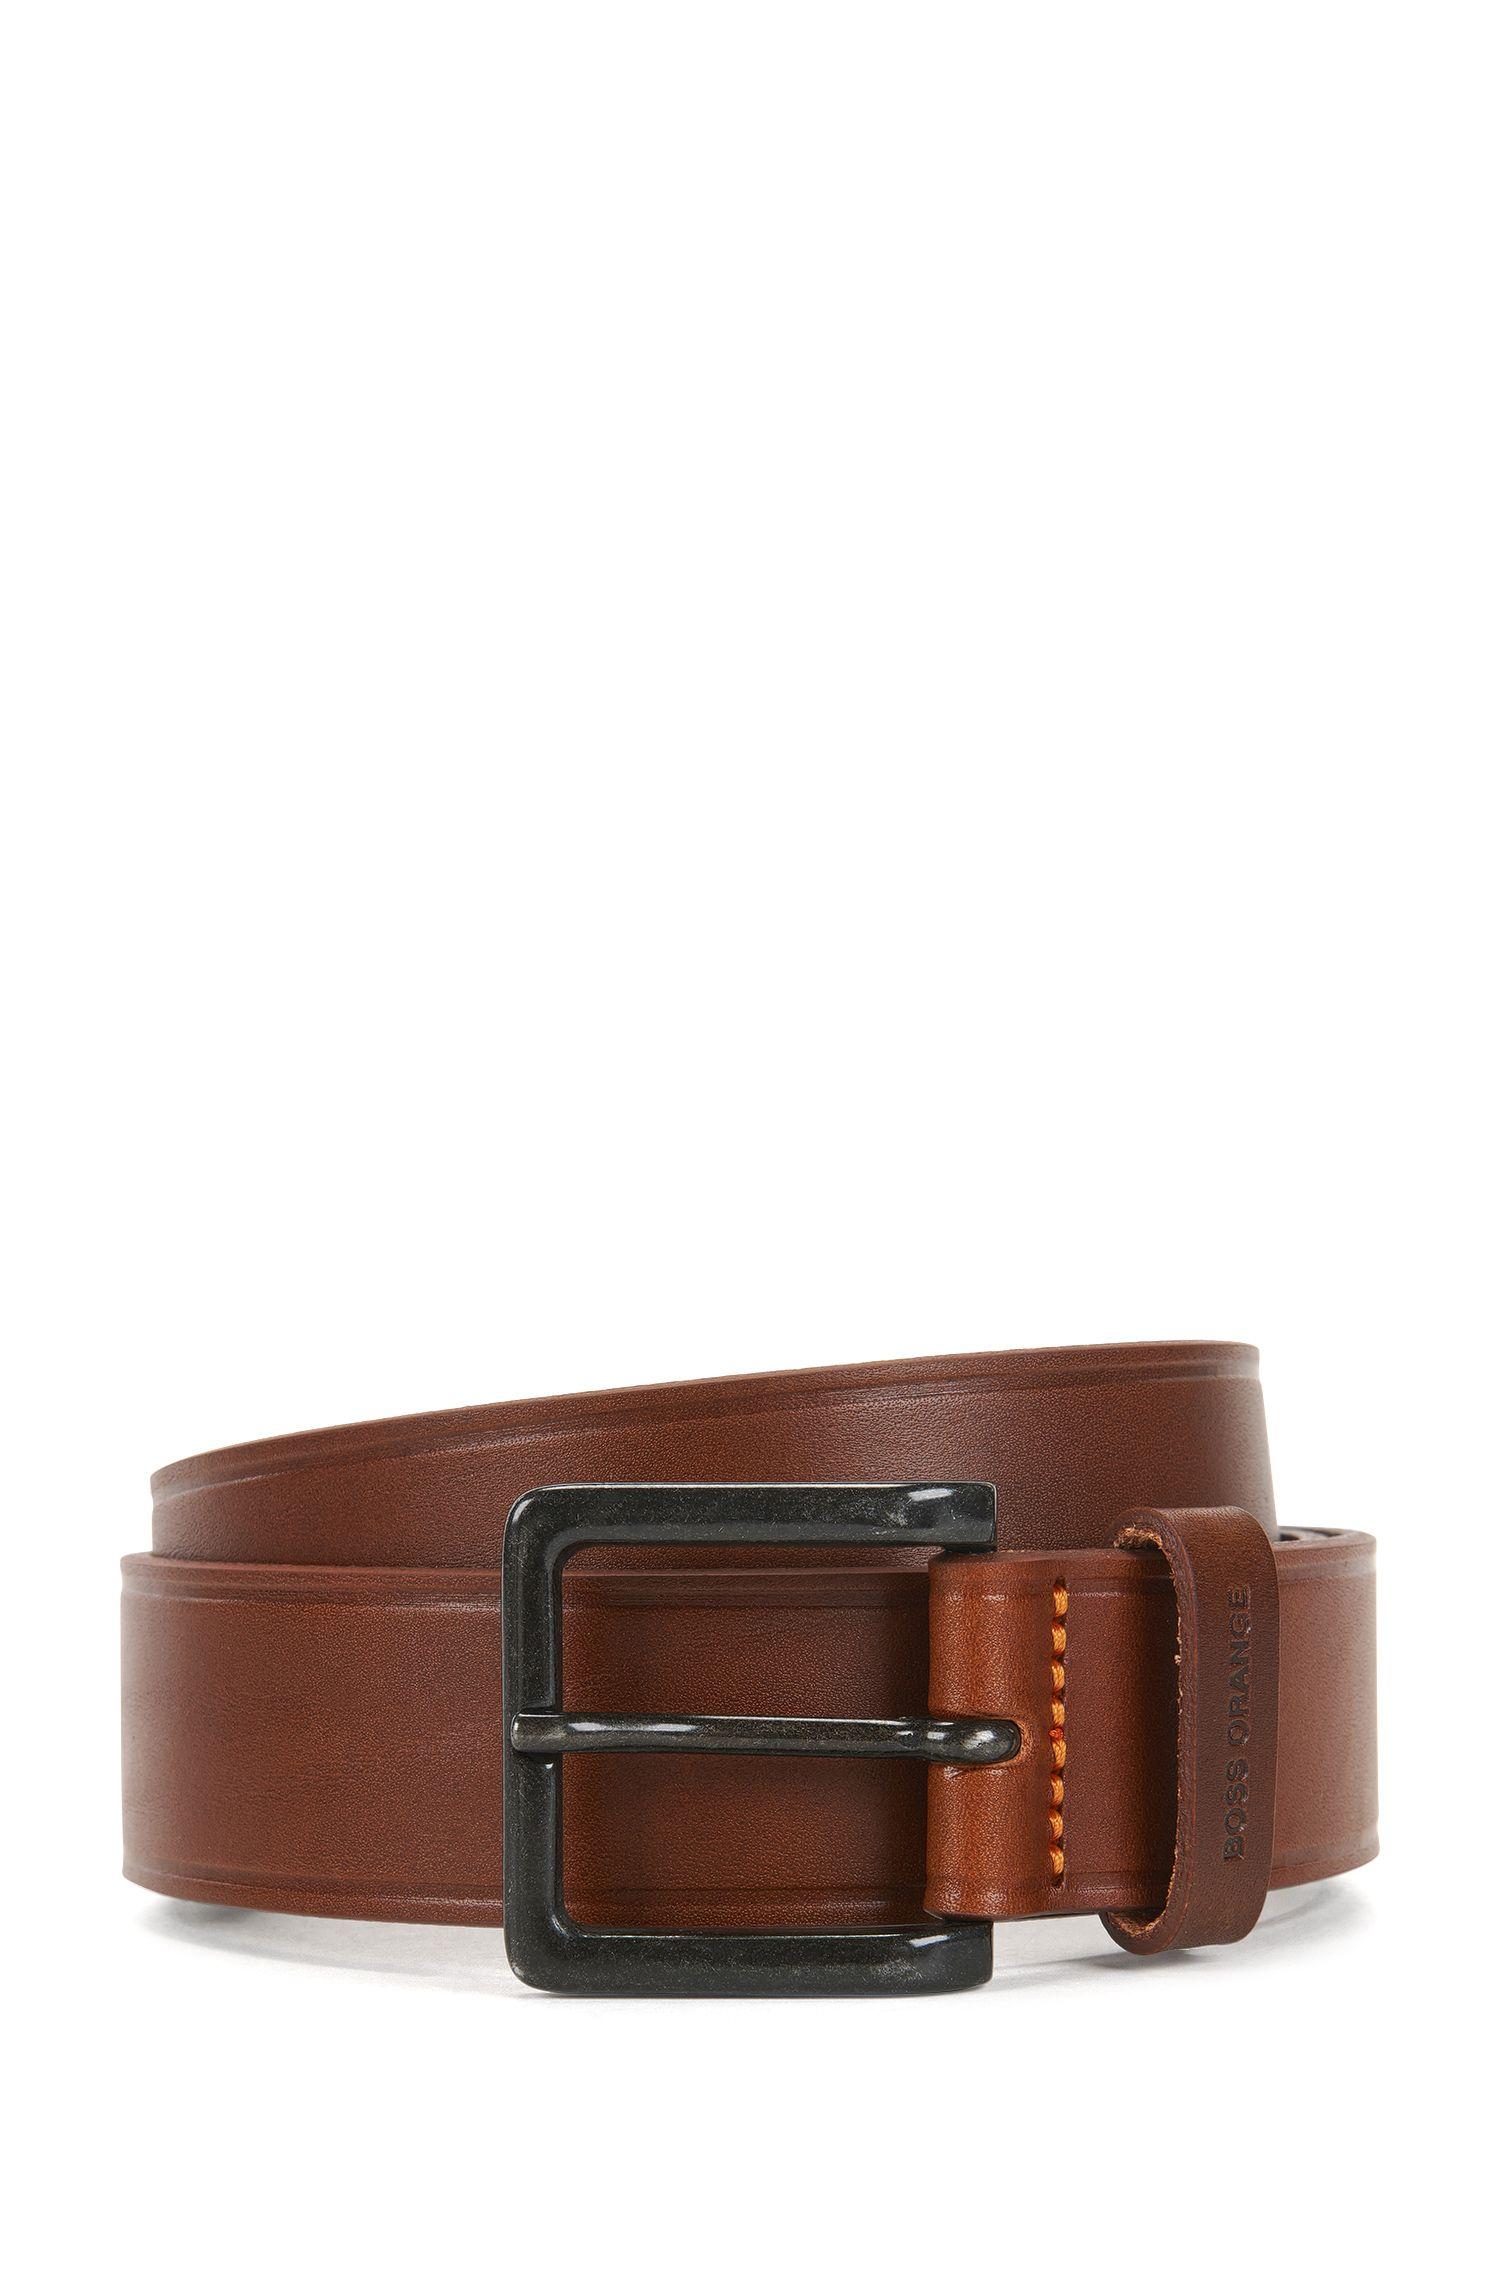 Leather Belt | Jordan Sz Ltpl